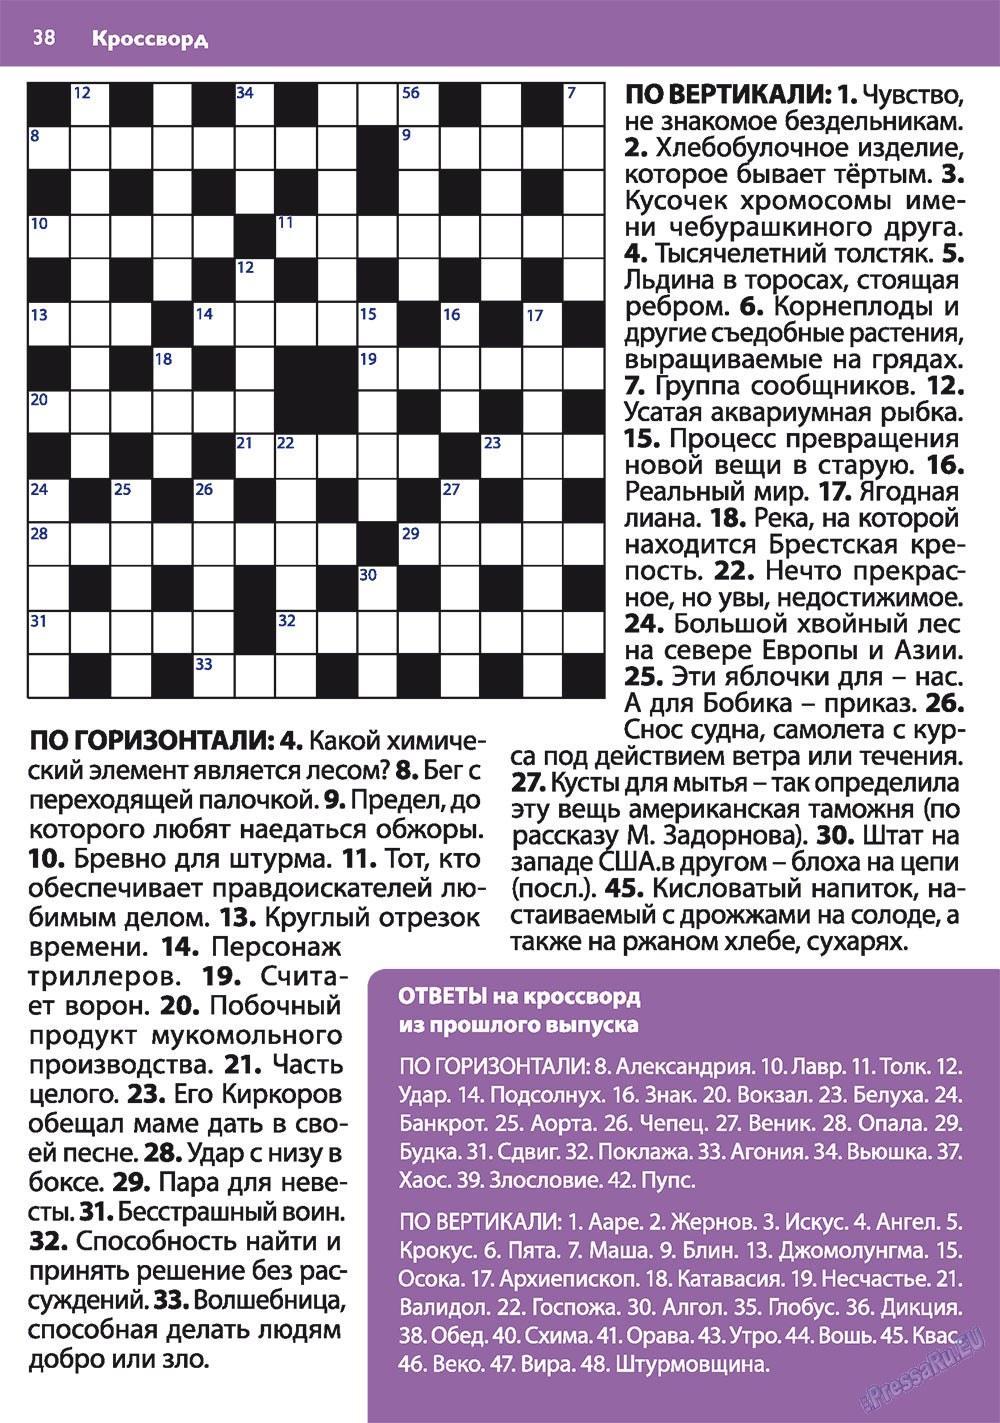 Апельсин (журнал). 2010 год, номер 13, стр. 38